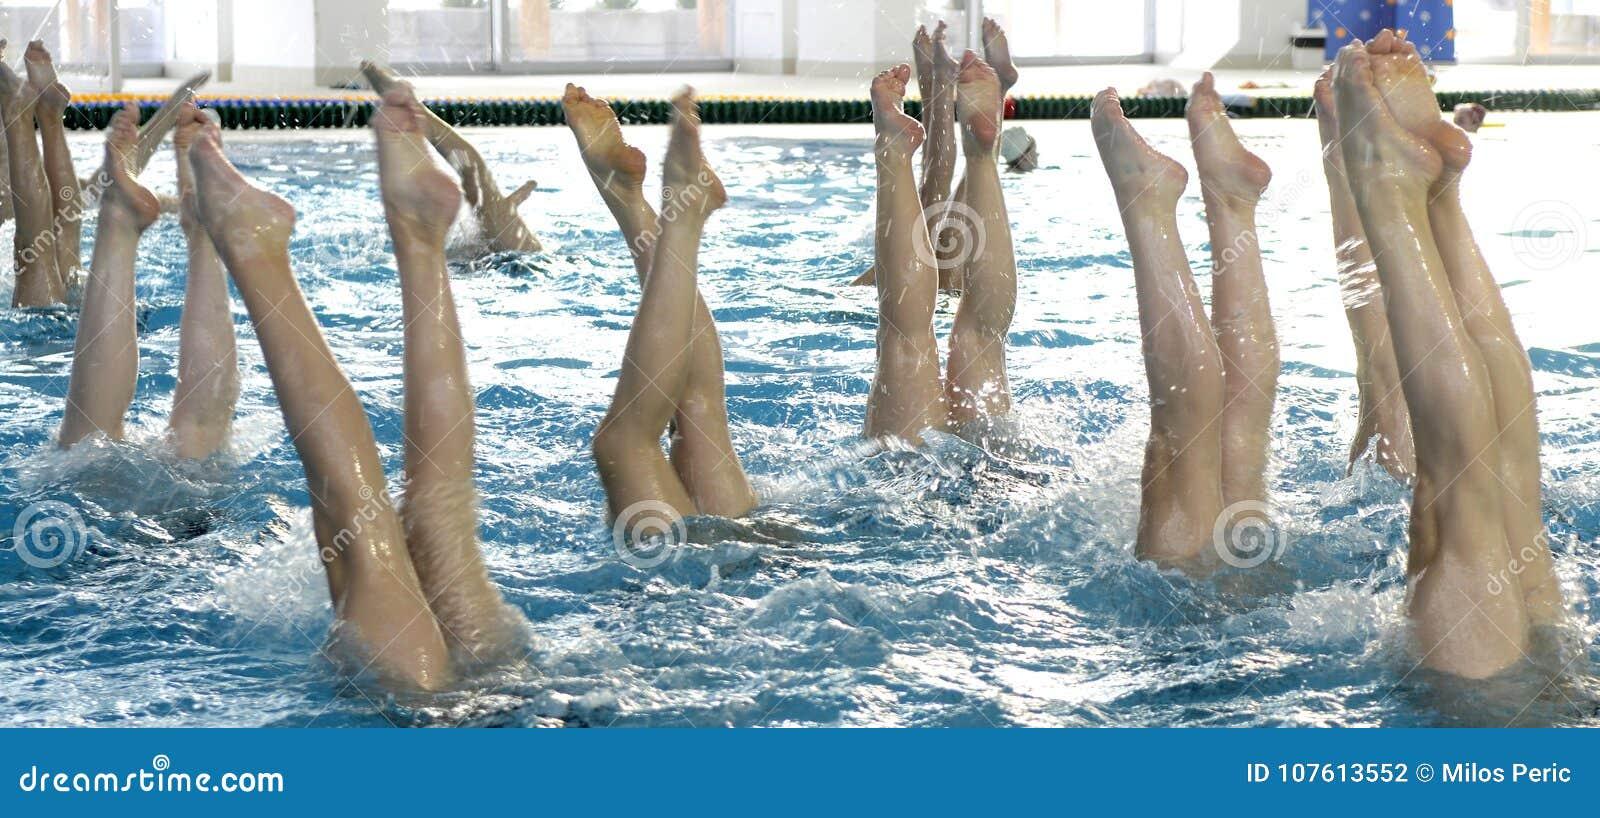 Détail de natation synchronisée